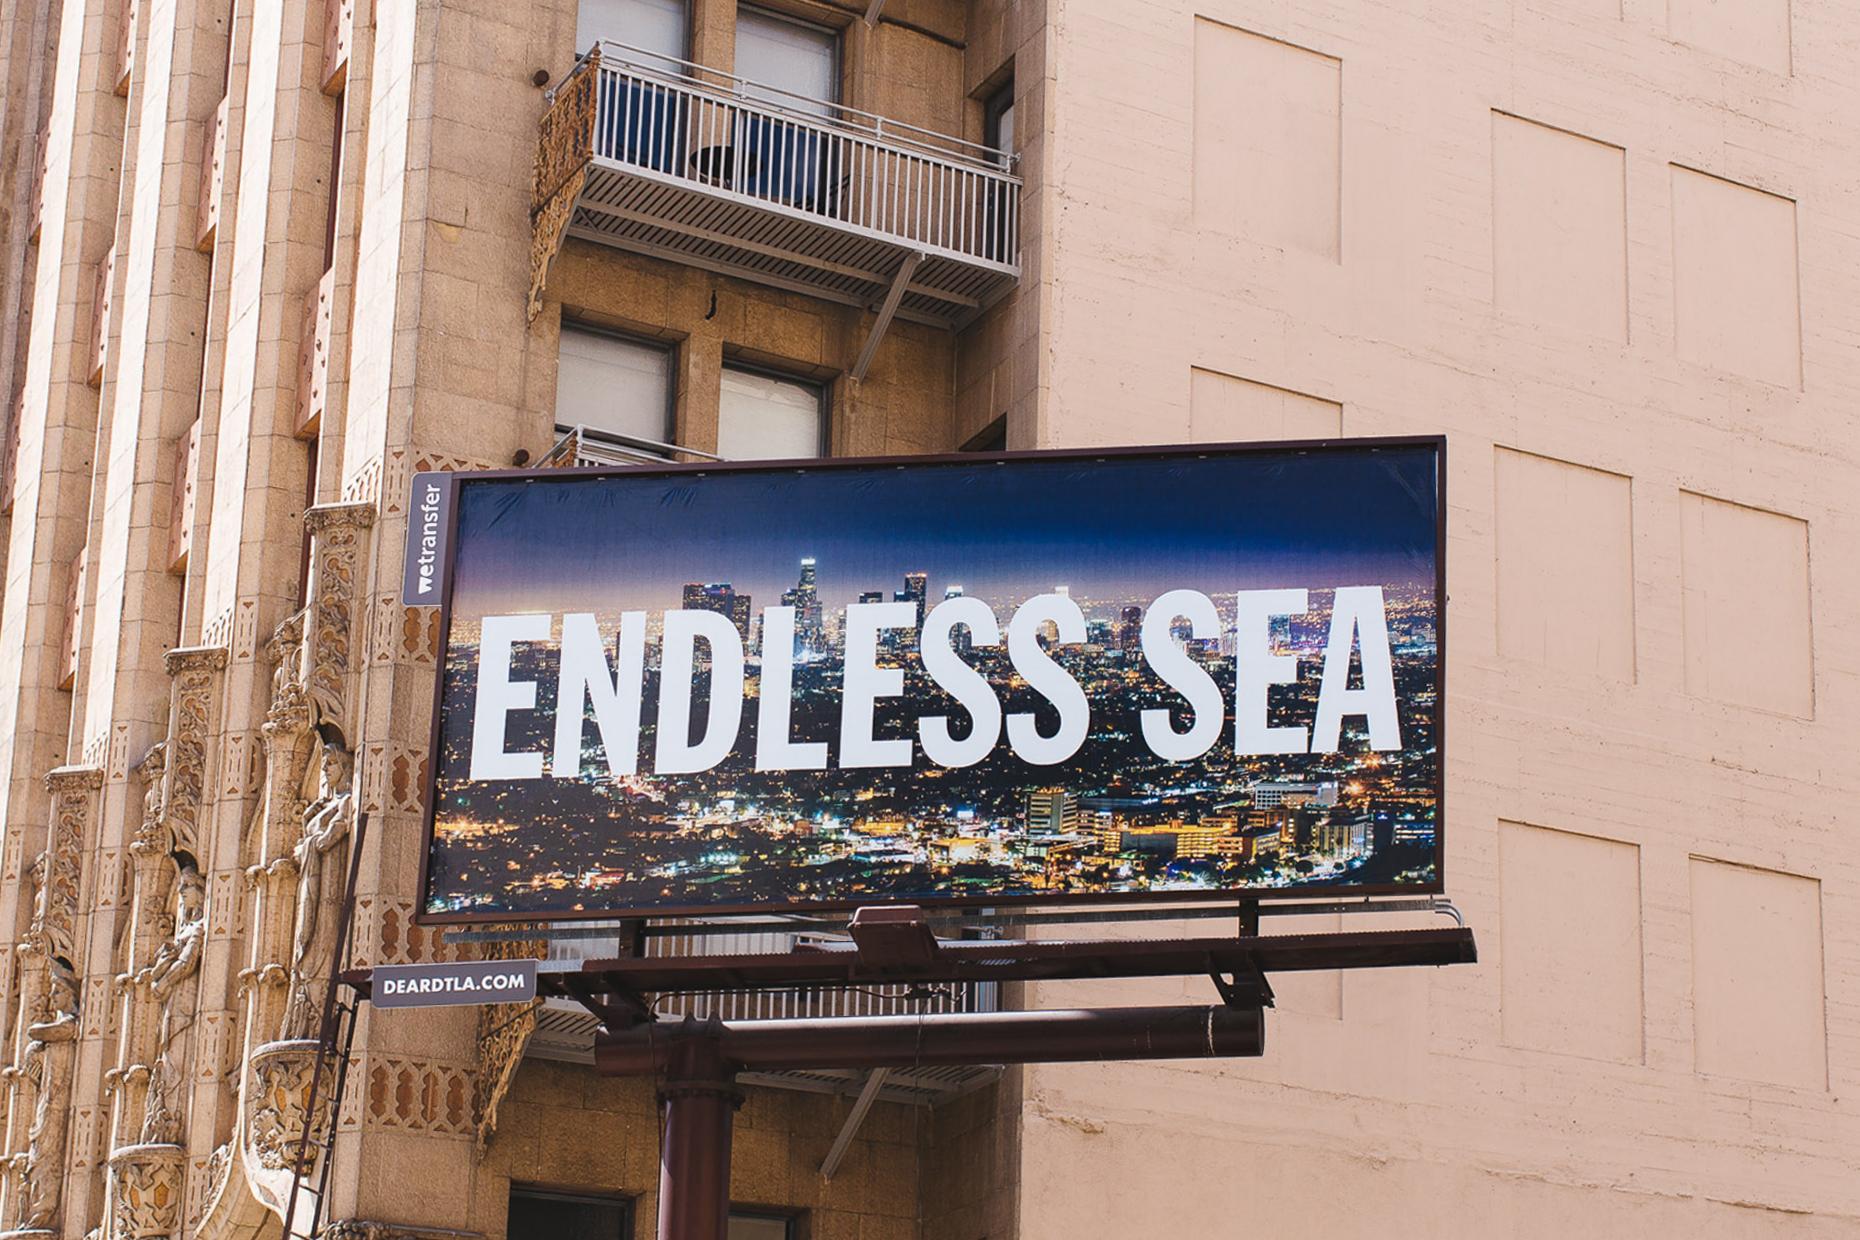 RS36474_Dear_DTLA_Cali_DeWitt_Billboard.jpg